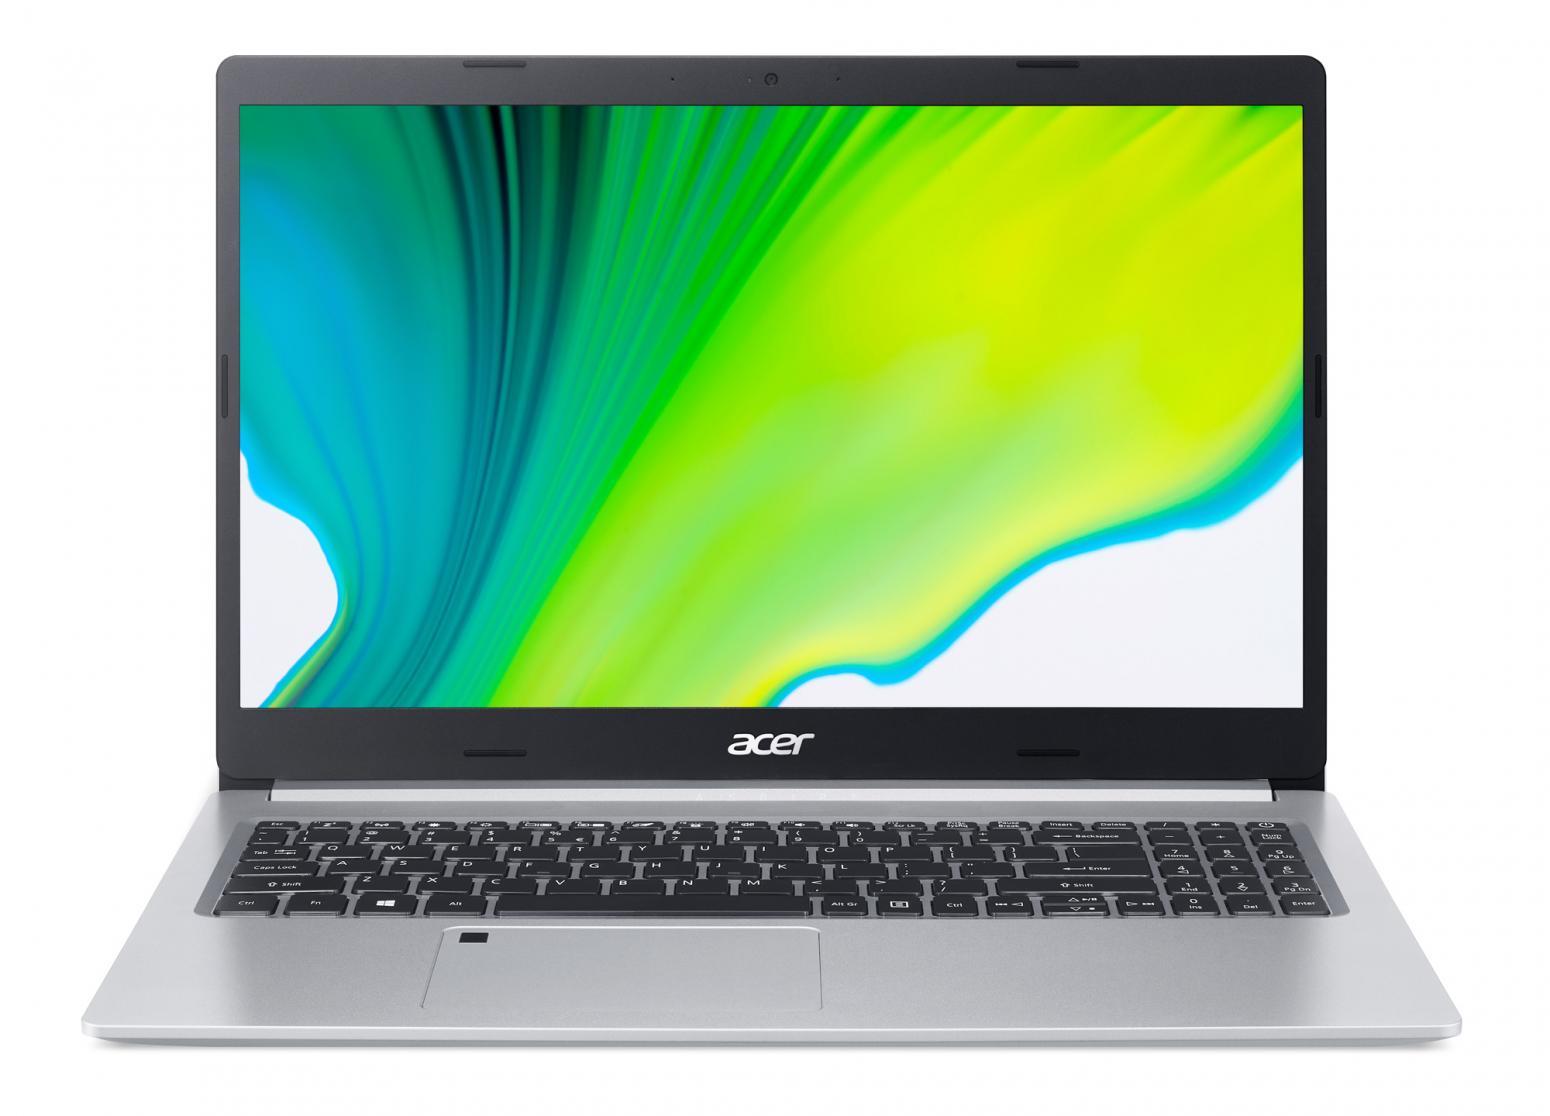 Ordinateur portable Acer Aspire 5 A515-44-R622 Argent - Ryzen 7 - photo 4